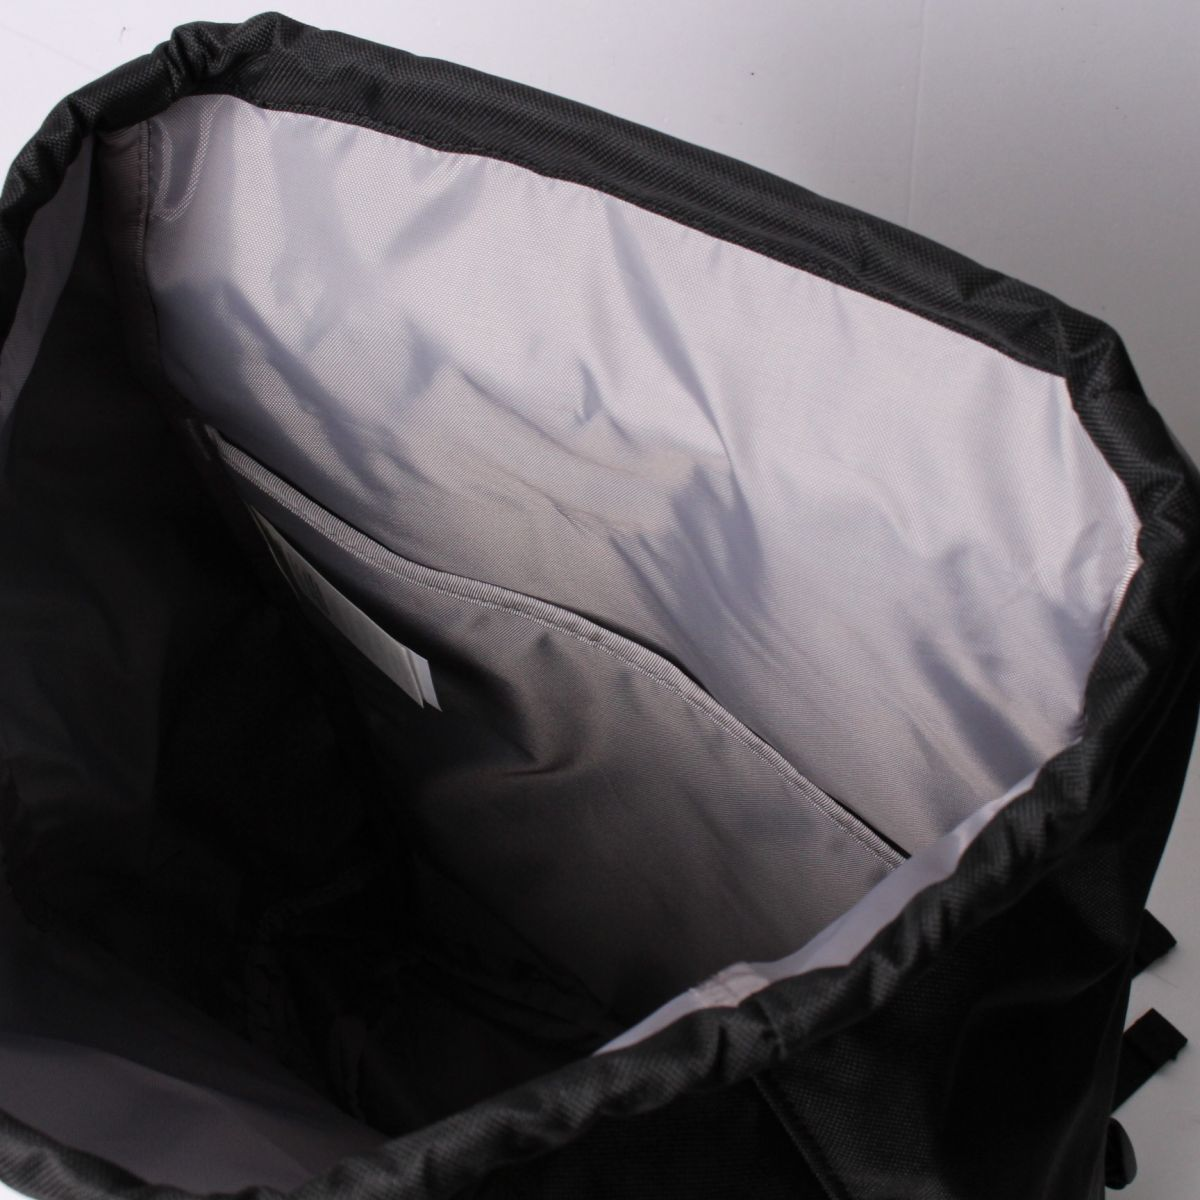 新品 未使用 正規品 pantagonia パタゴニア リュック 25L Arbor Classic Pack バックパック 鞄 デイパック ブラック キャンプ 登山 r015206_画像7